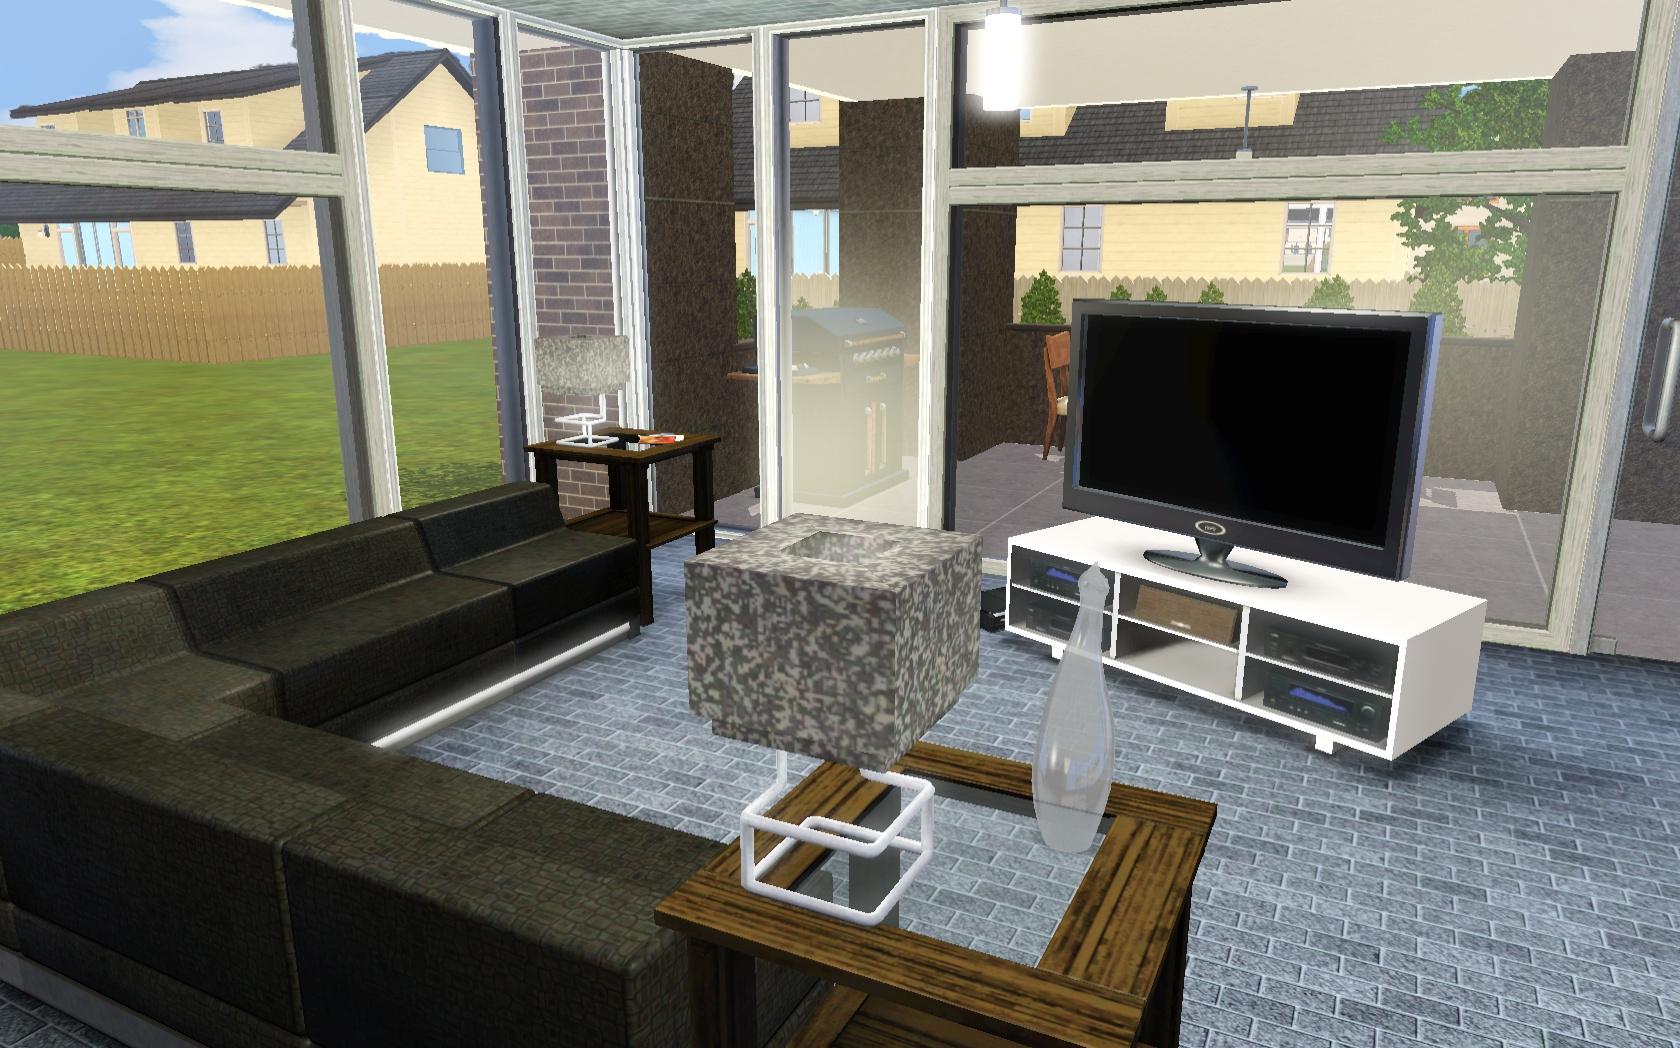 Mod the sims small modern bachelor pad for Small bachelor pad